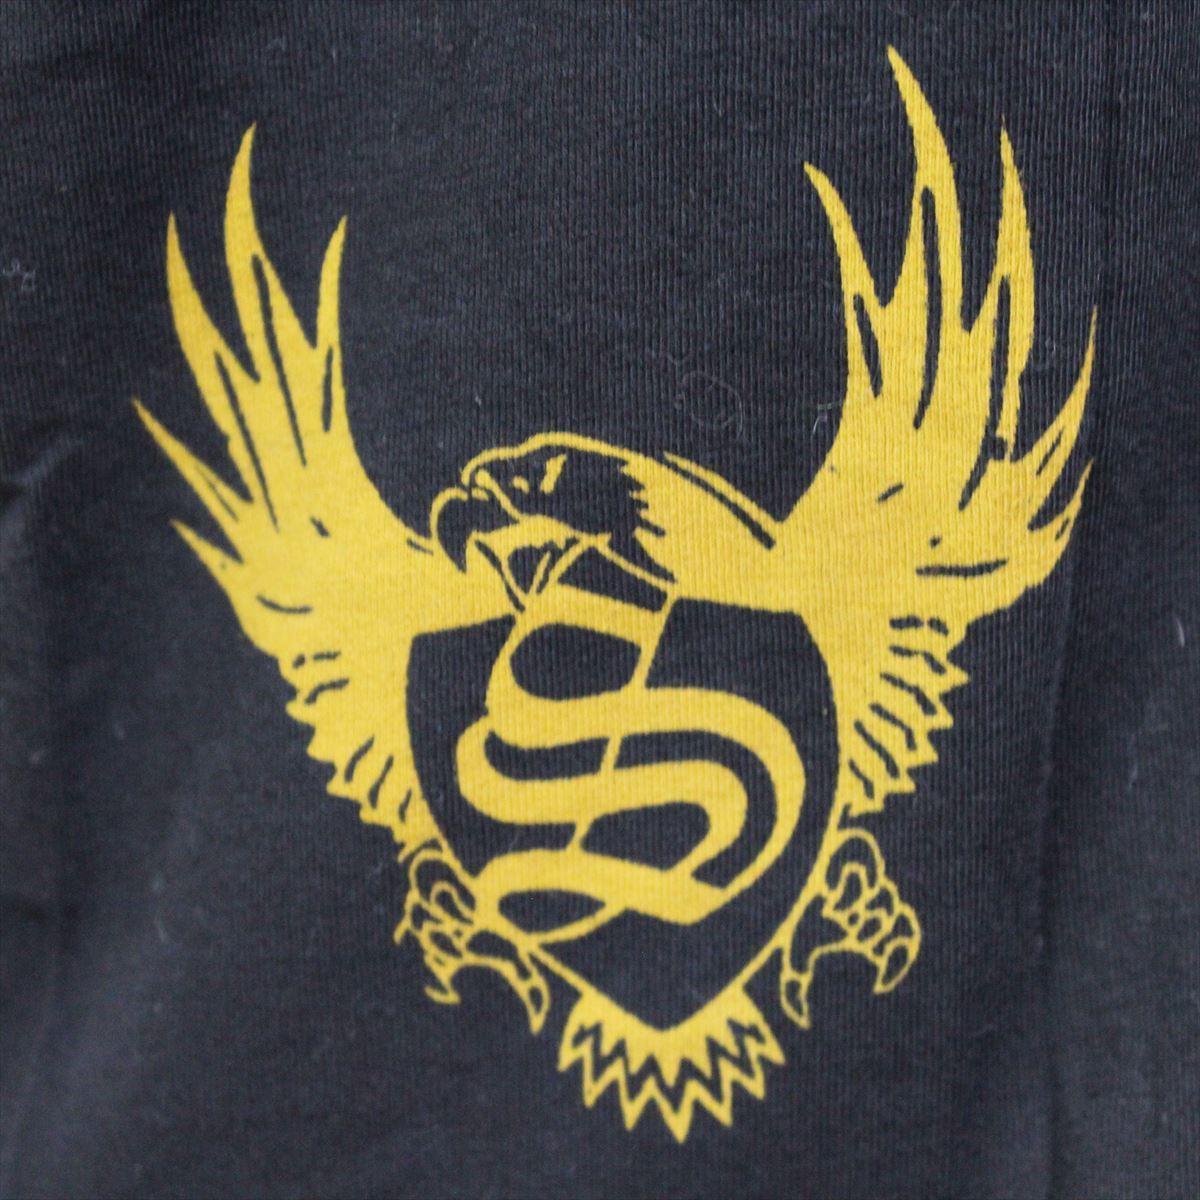 スメット SMET メンズ半袖Tシャツ Mサイズ ブラック NO6 新品 黒_画像5